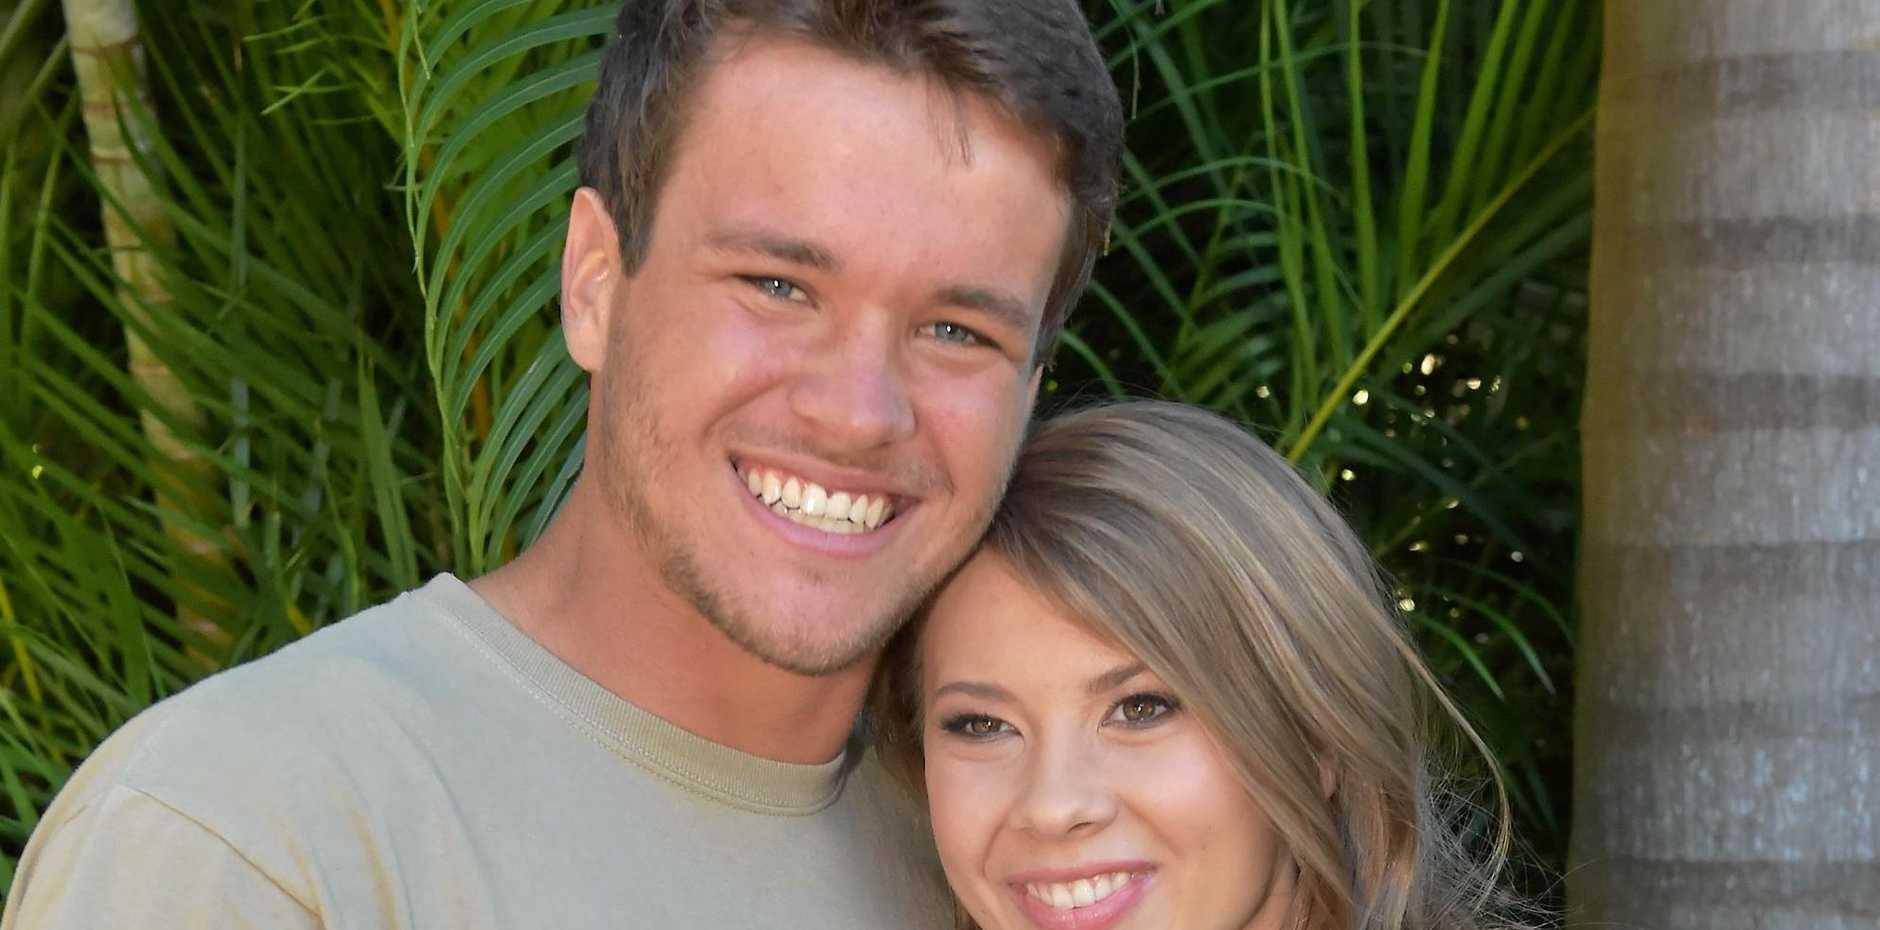 Bindi Irwin and boyfriend Chandler Powell celebrate her 18th birthday.